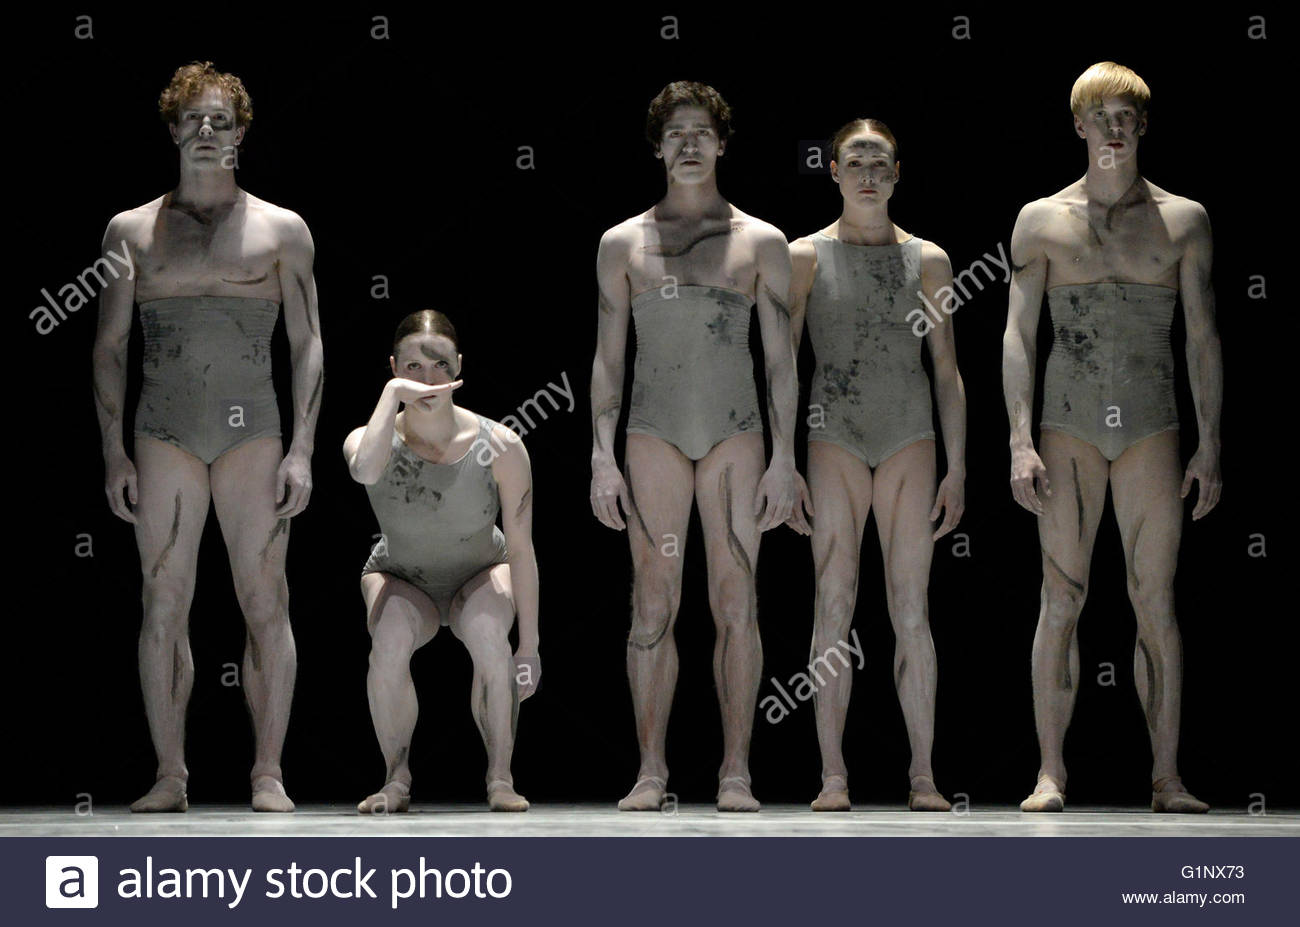 London, UK. 17th May, 2016. Dance Consortium  performing NEDERLANDS DANS THEATER 2 at Sadlers Wells London UK Sad - Stock Image